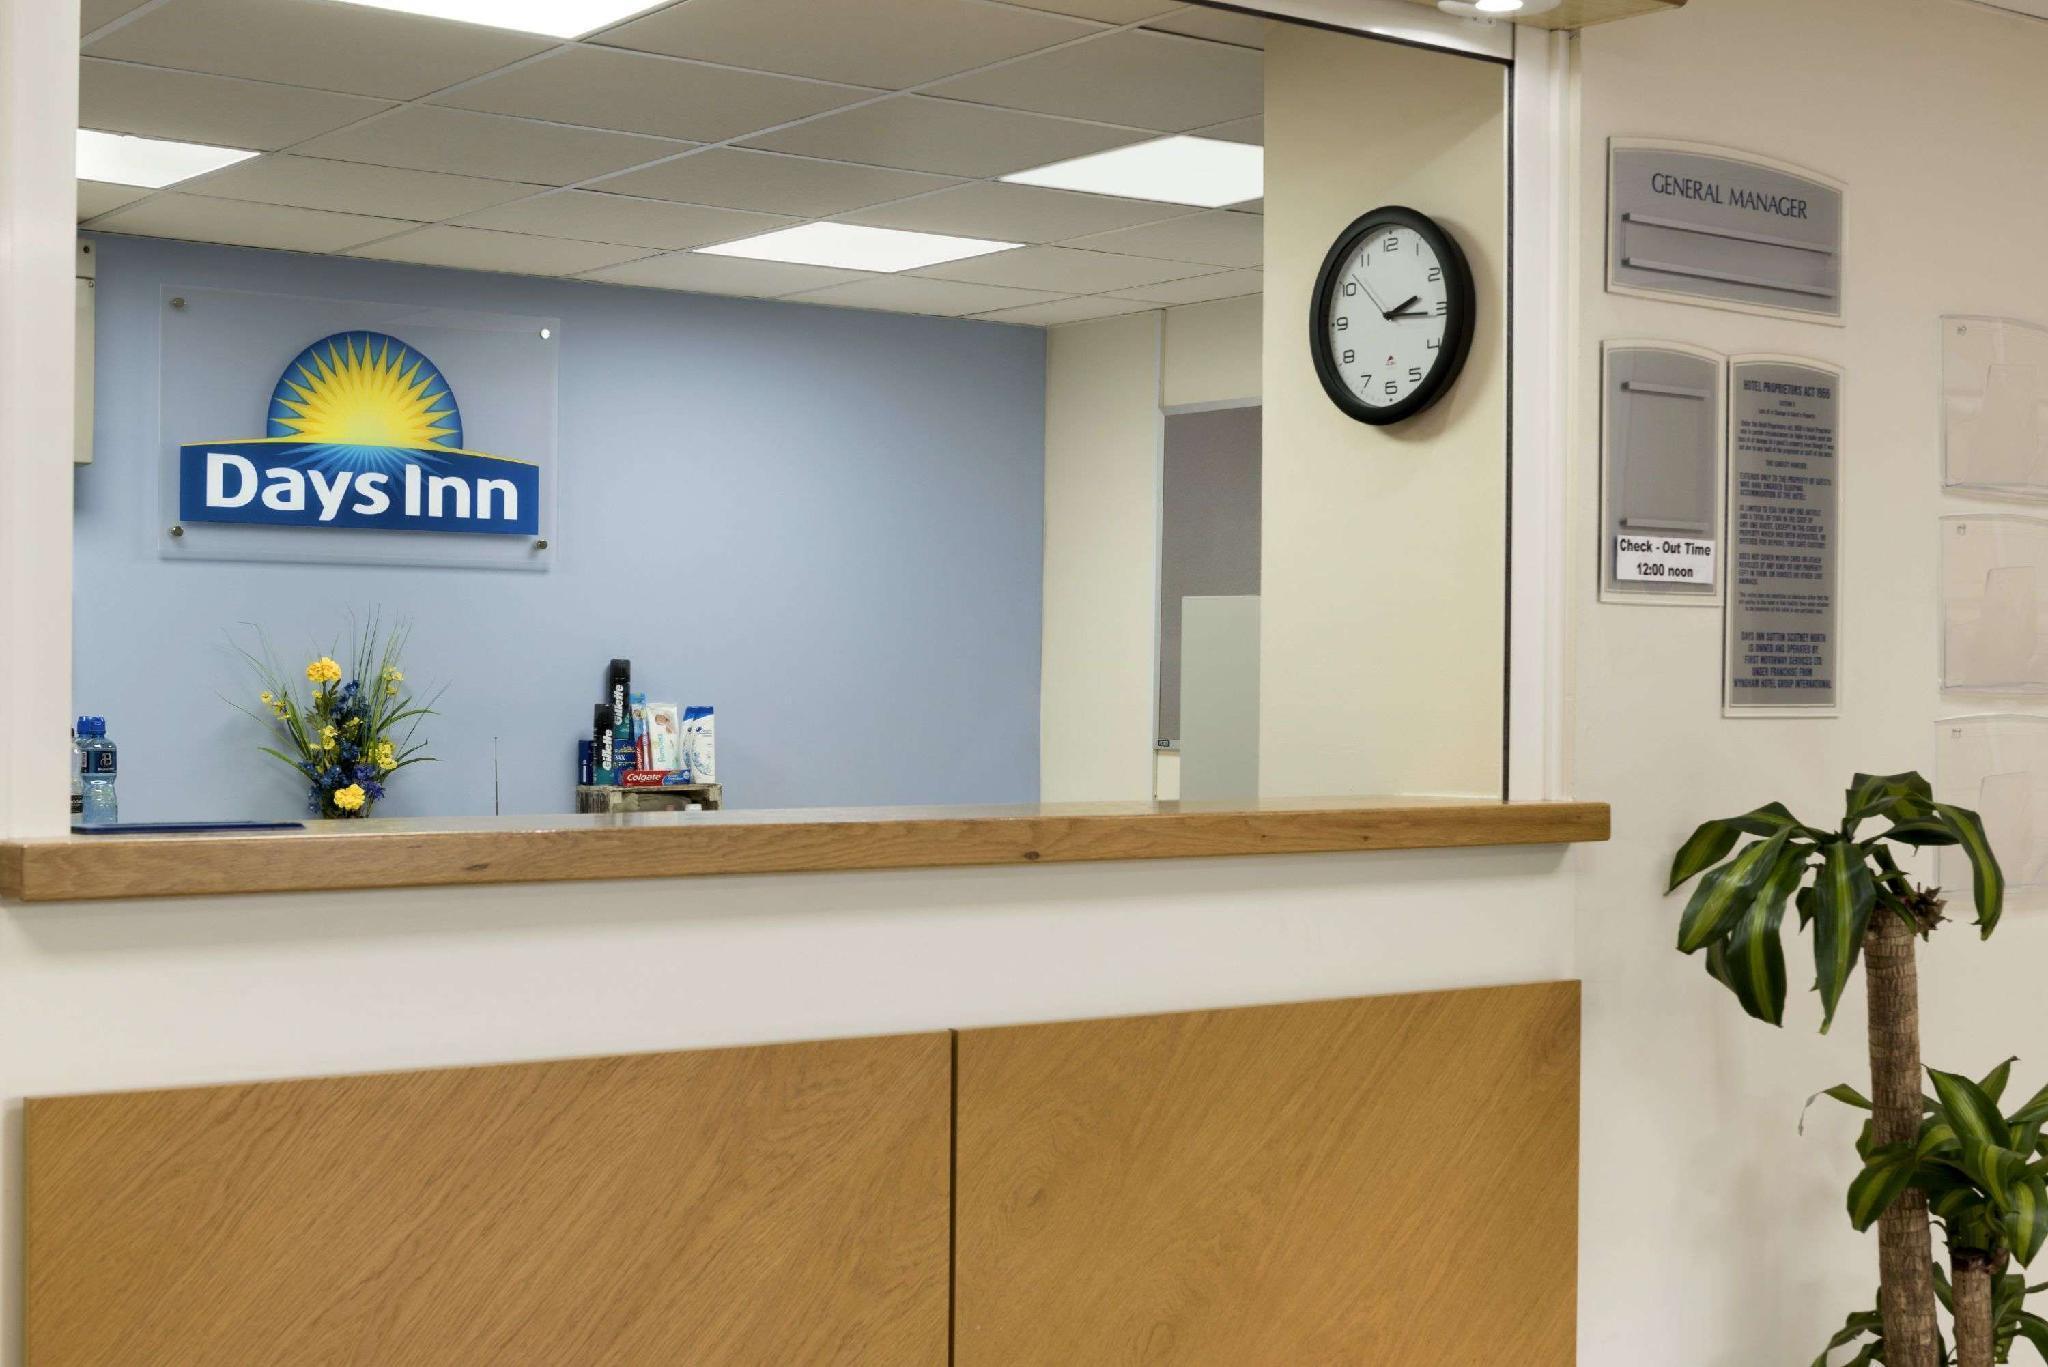 Days Inn By Wyndham Sutton Scotney North